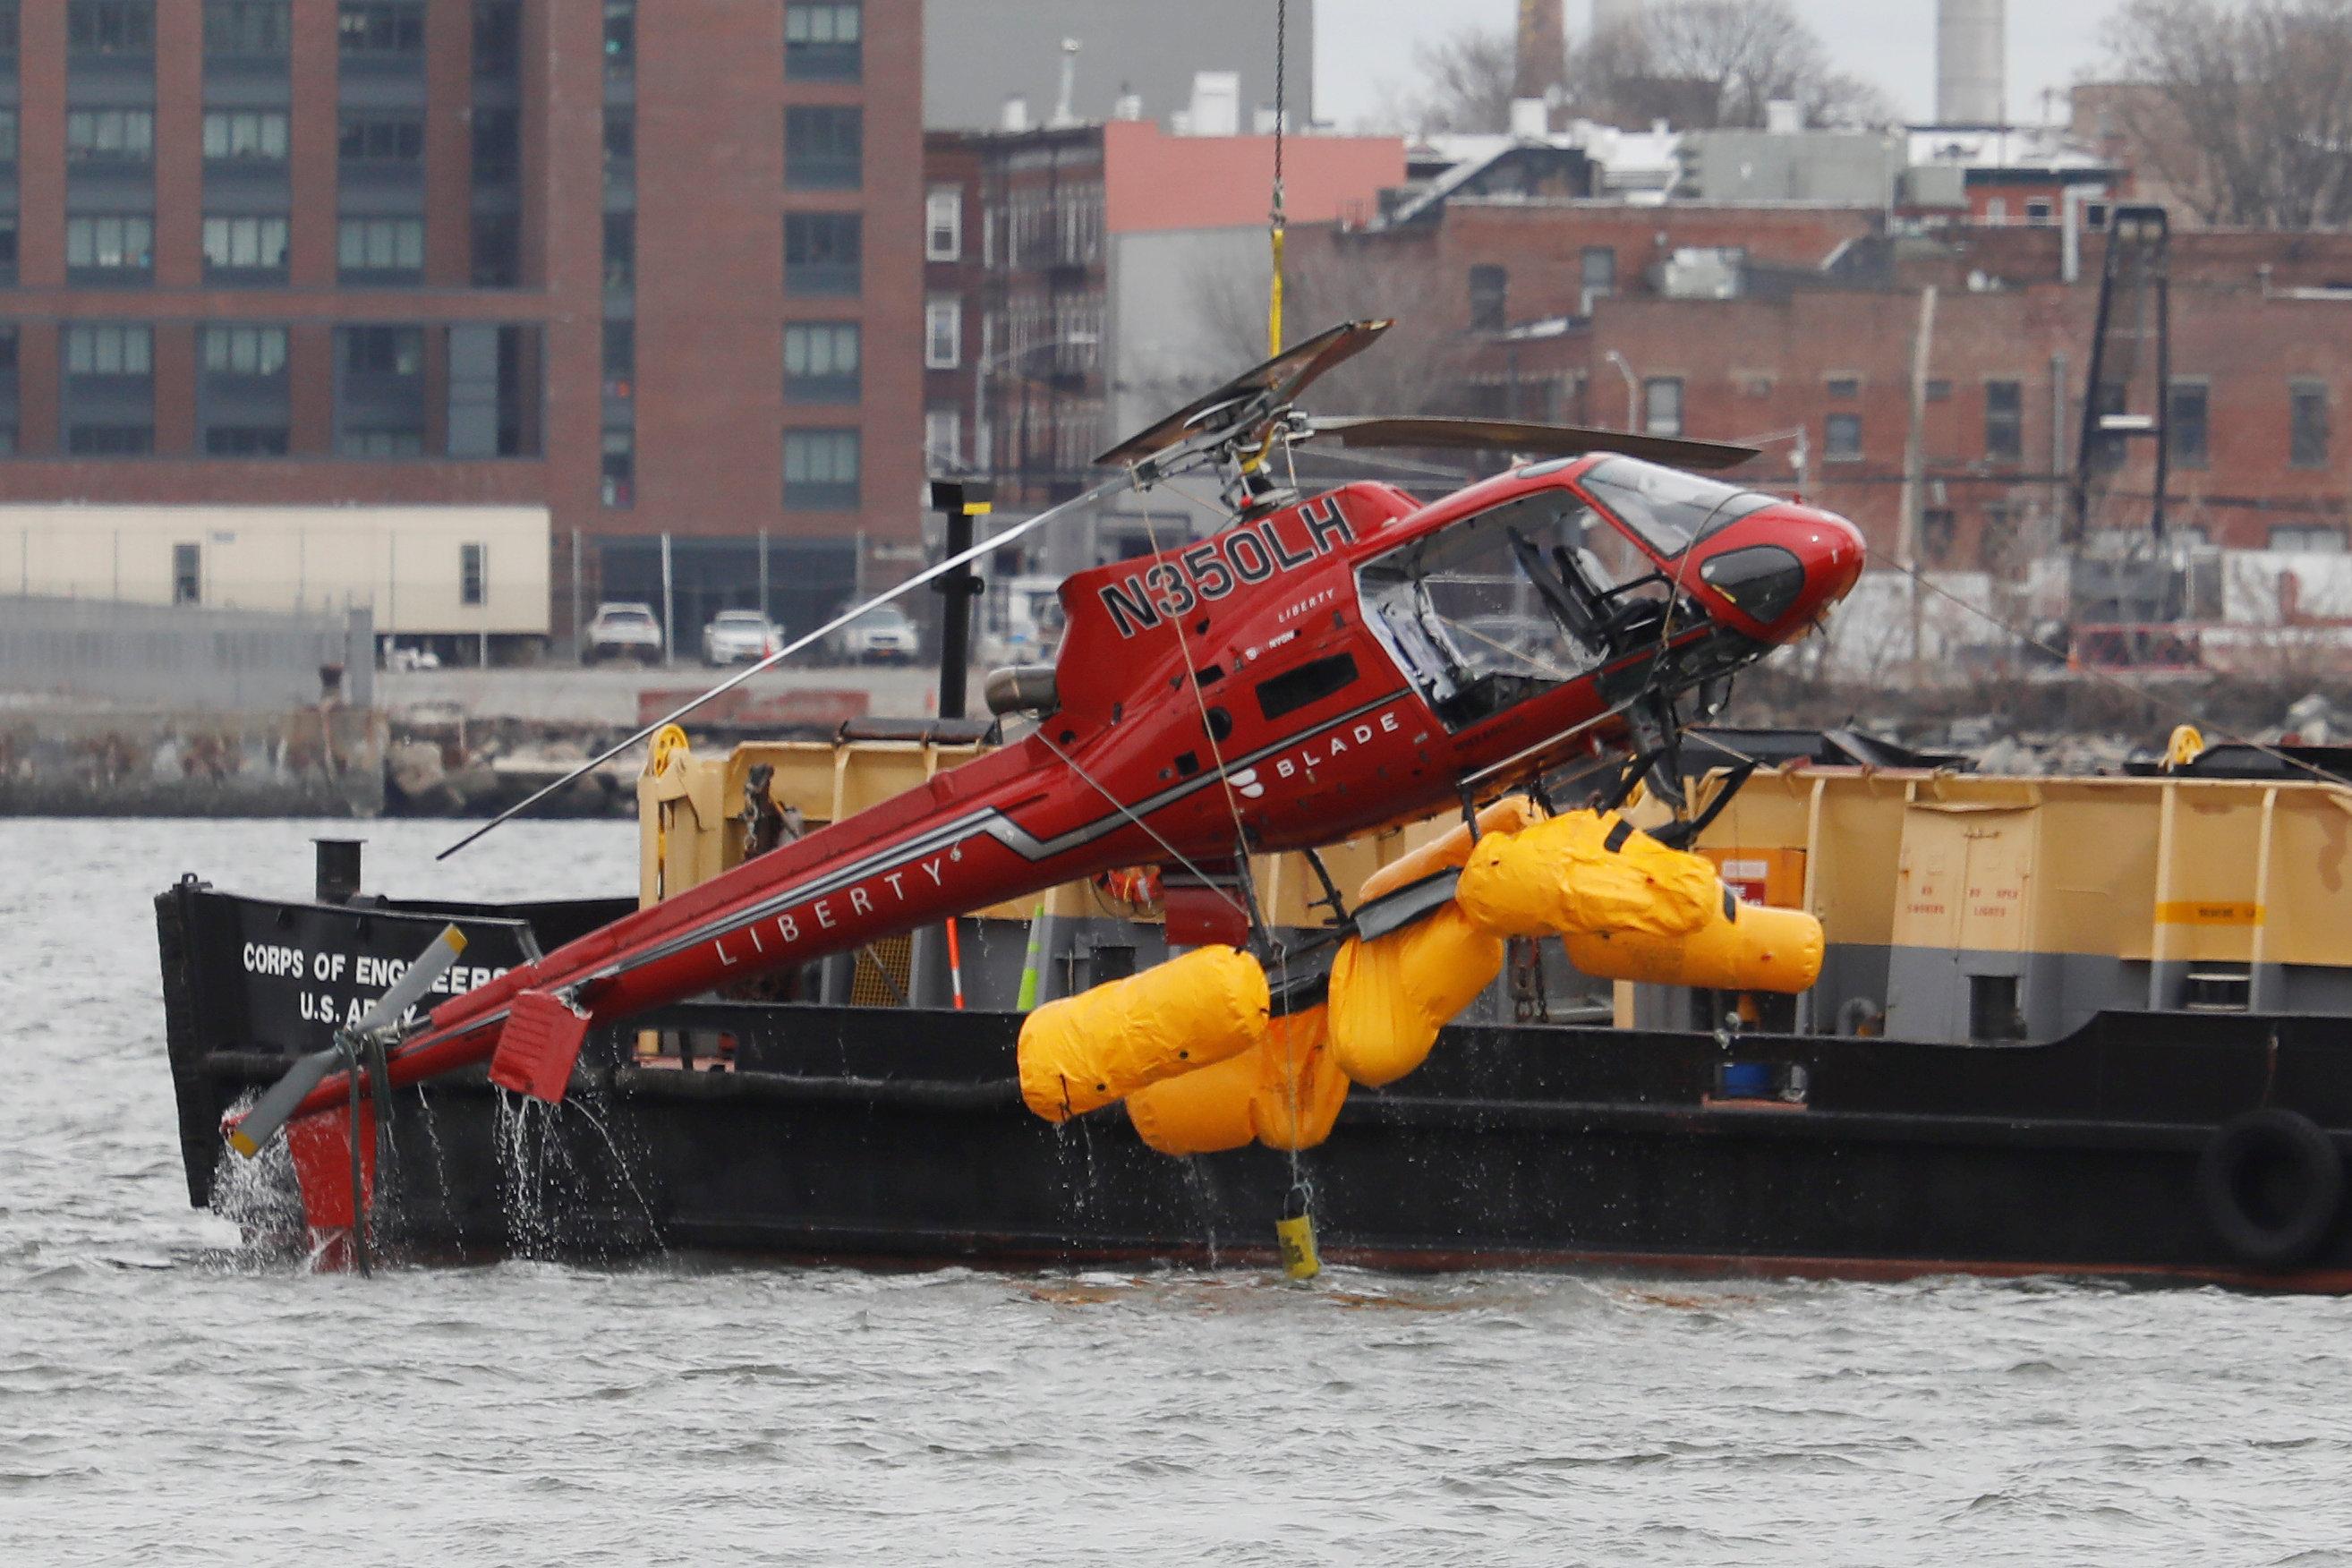 圖為直升機殘骸被吊起。路透